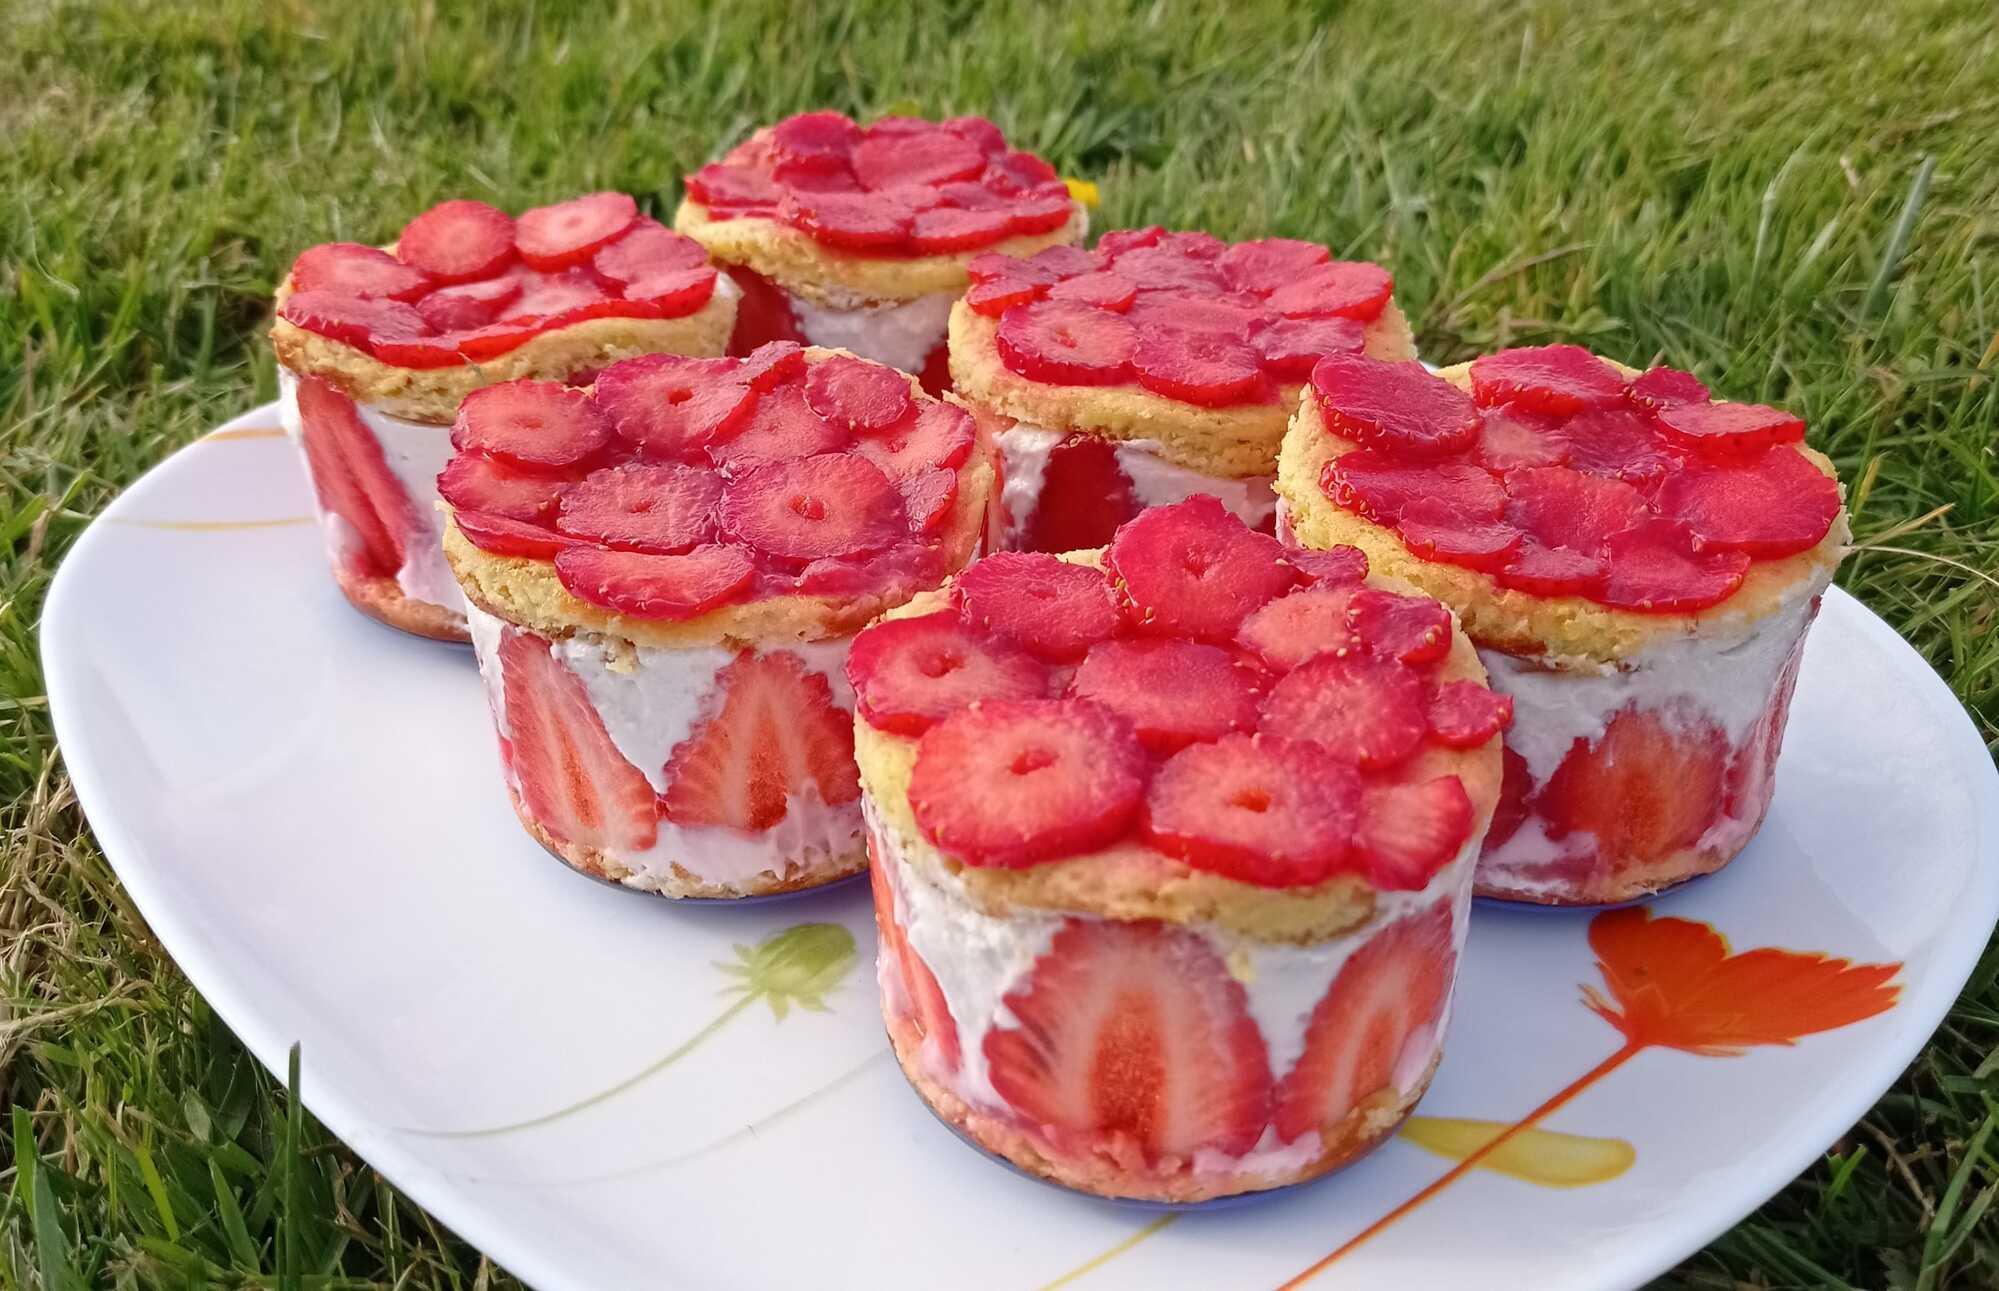 Sur un large plat ovale blanc, sont disposés six petits fraisiers. Des fraises découpées en fines rondelles sont réparties sur le dessus.